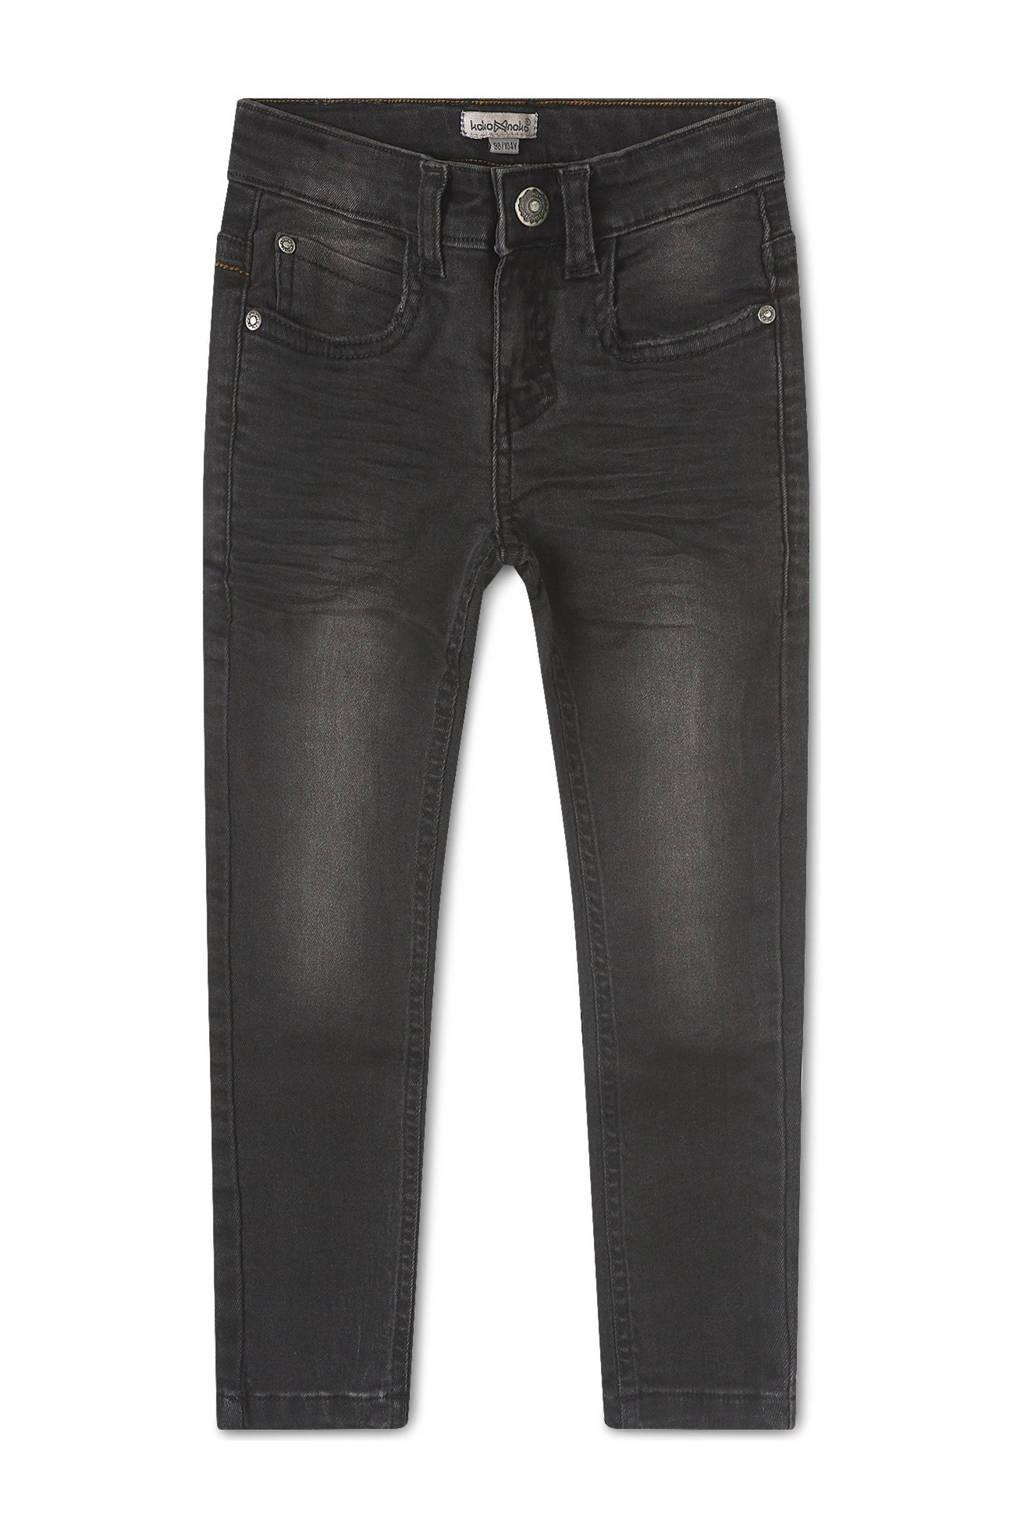 Koko Noko slim fit jeans Nox zwart, Zwart